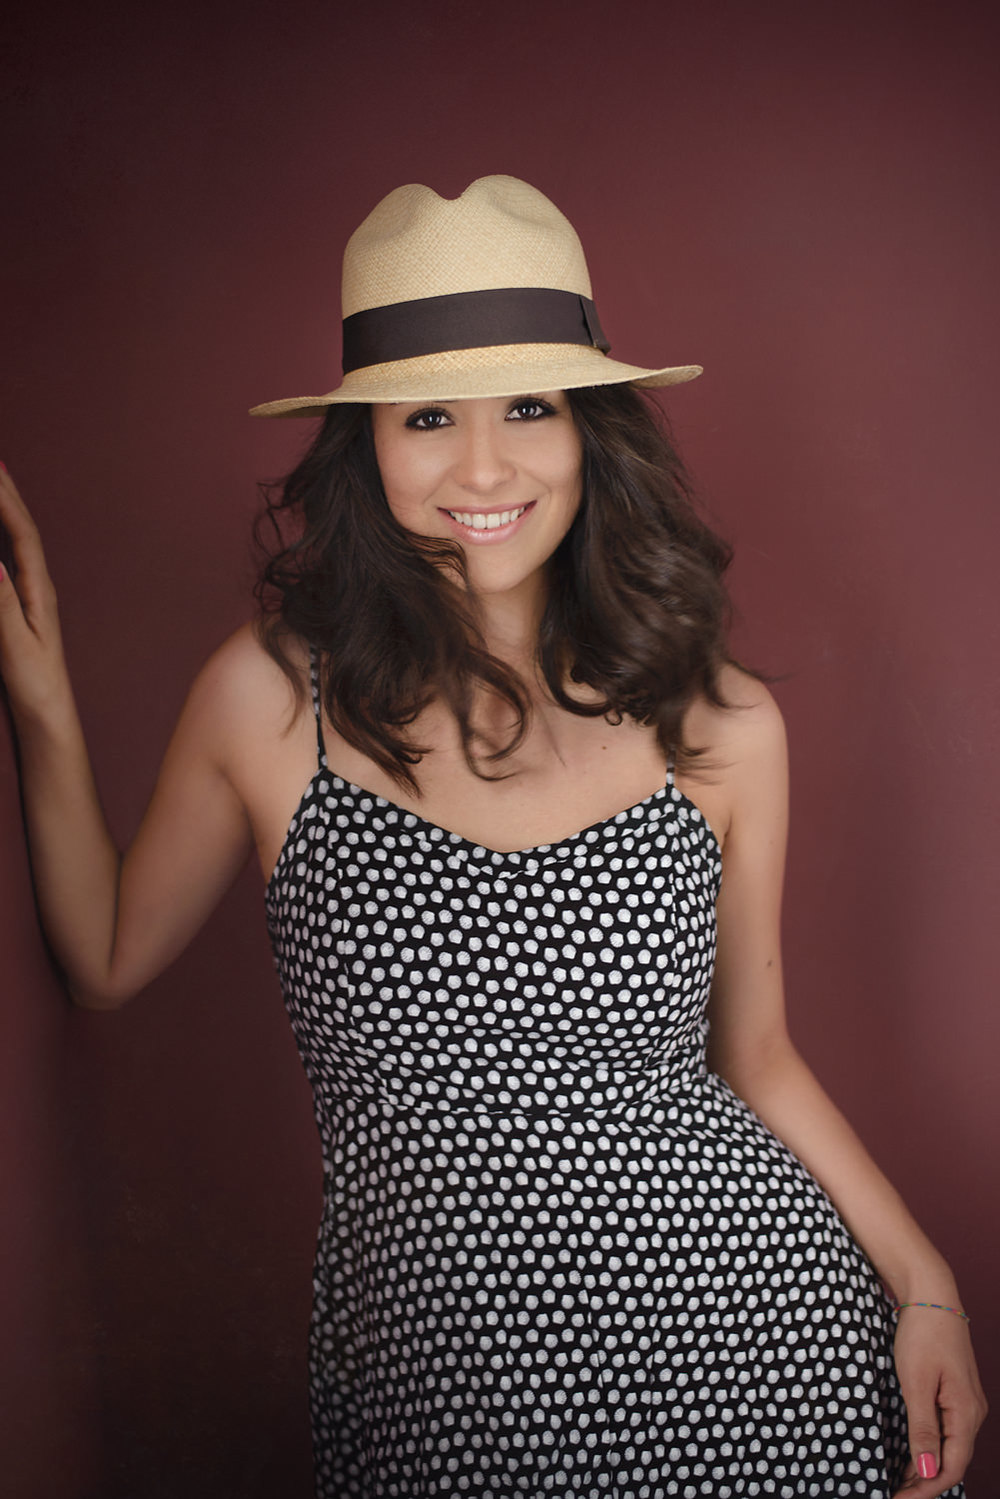 Sesion-fotos-mexicali-retrato-el-mundo-de-fa-vestido-blanco-negro-sombrero